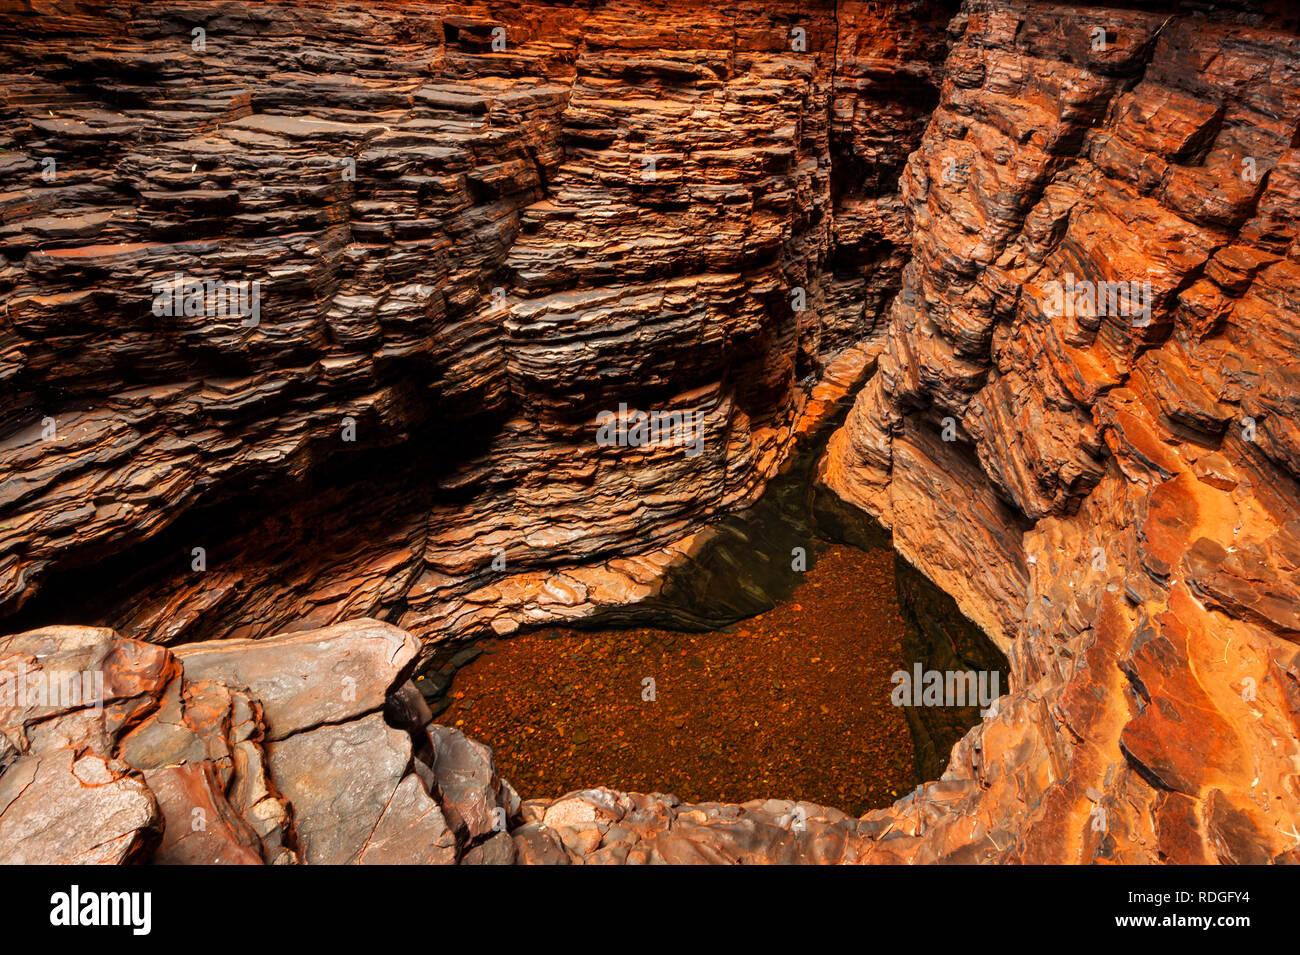 Amazing view into Weano Gorge. - Stock Image